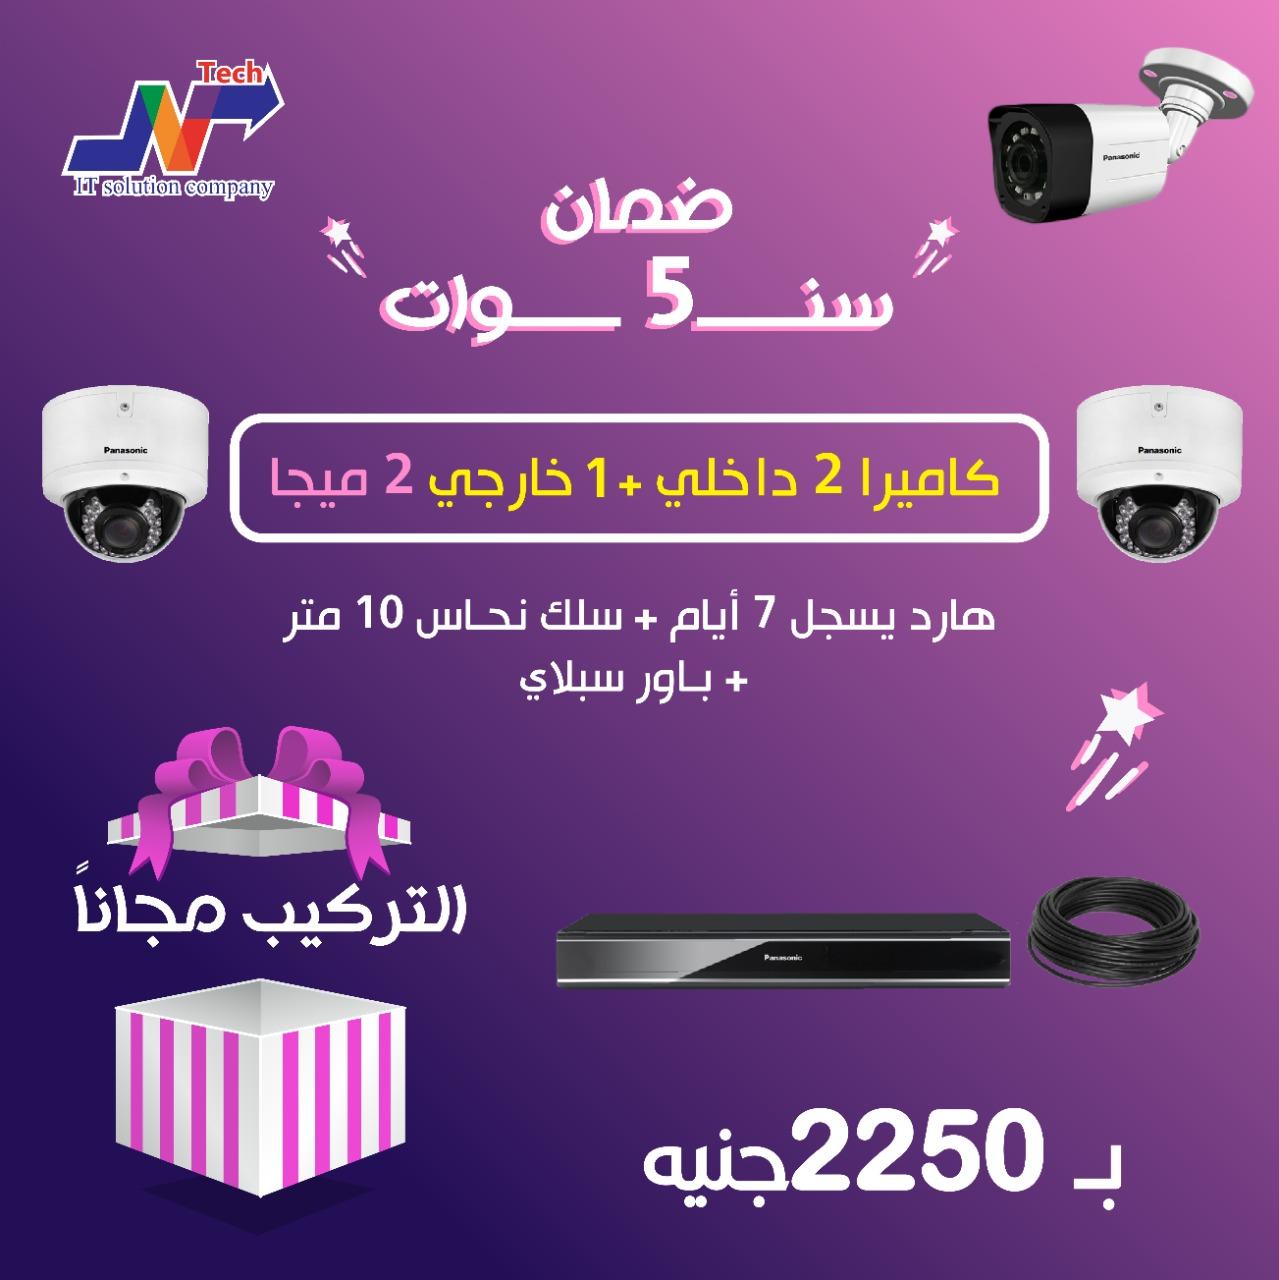 كاميرات مراقبه - ماركات كاميرات المراقبة في مصر بارخص سعر